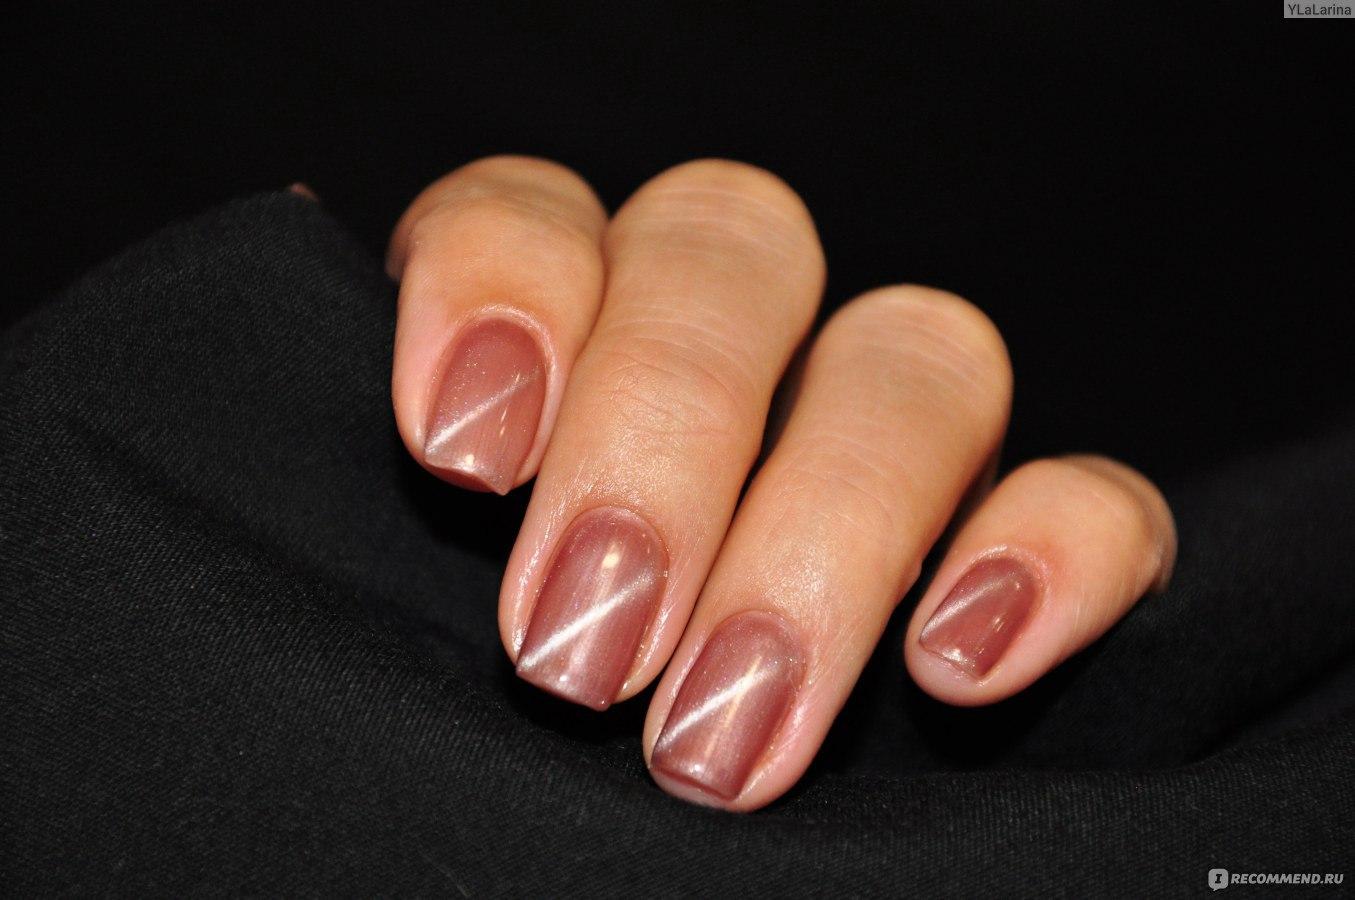 Жемчужное покрытие для ногтей